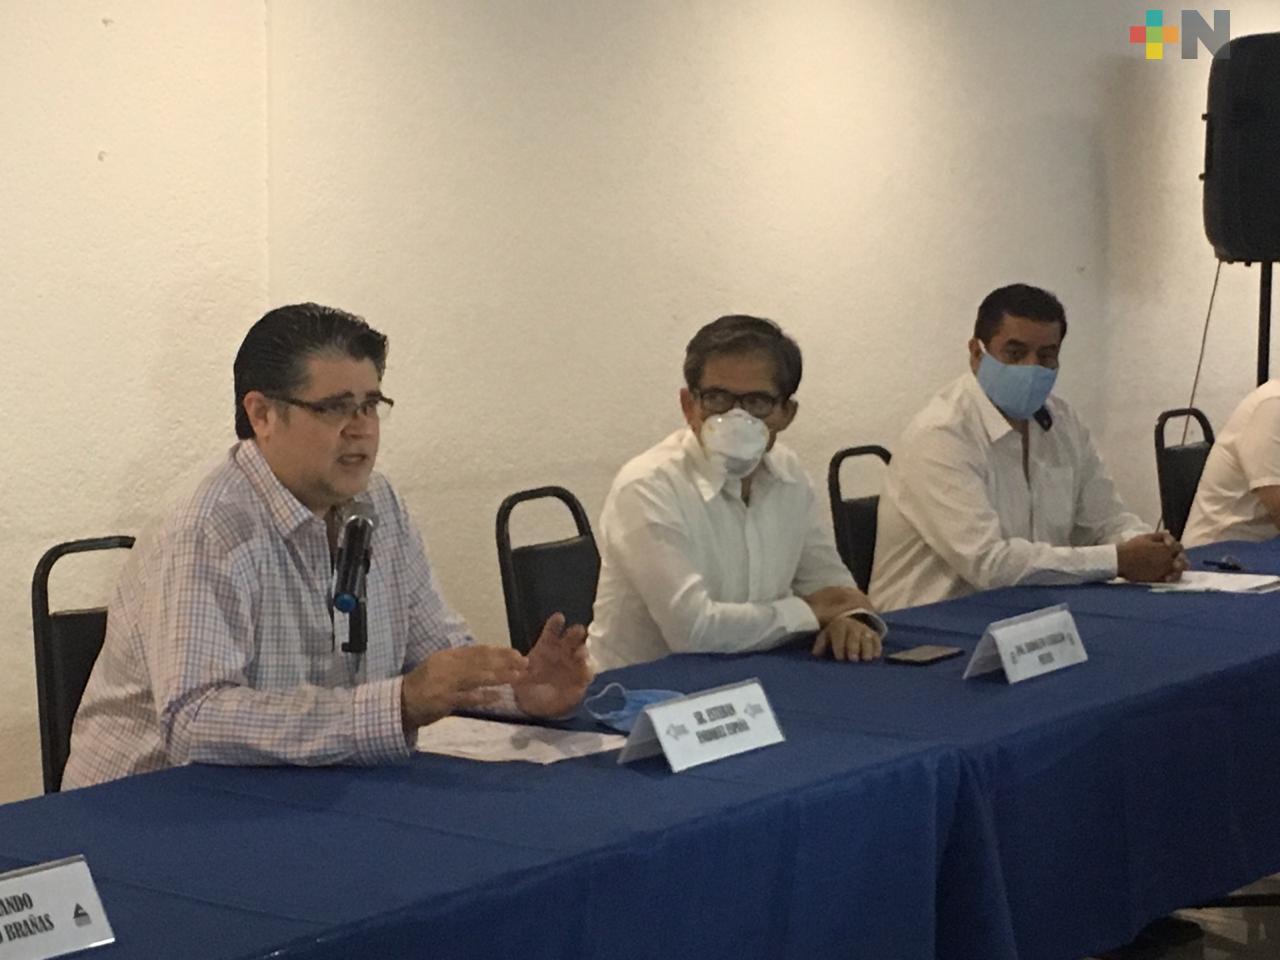 Empresarios de Coatzacoalcos piden a gobierno mayores incentivos fiscales